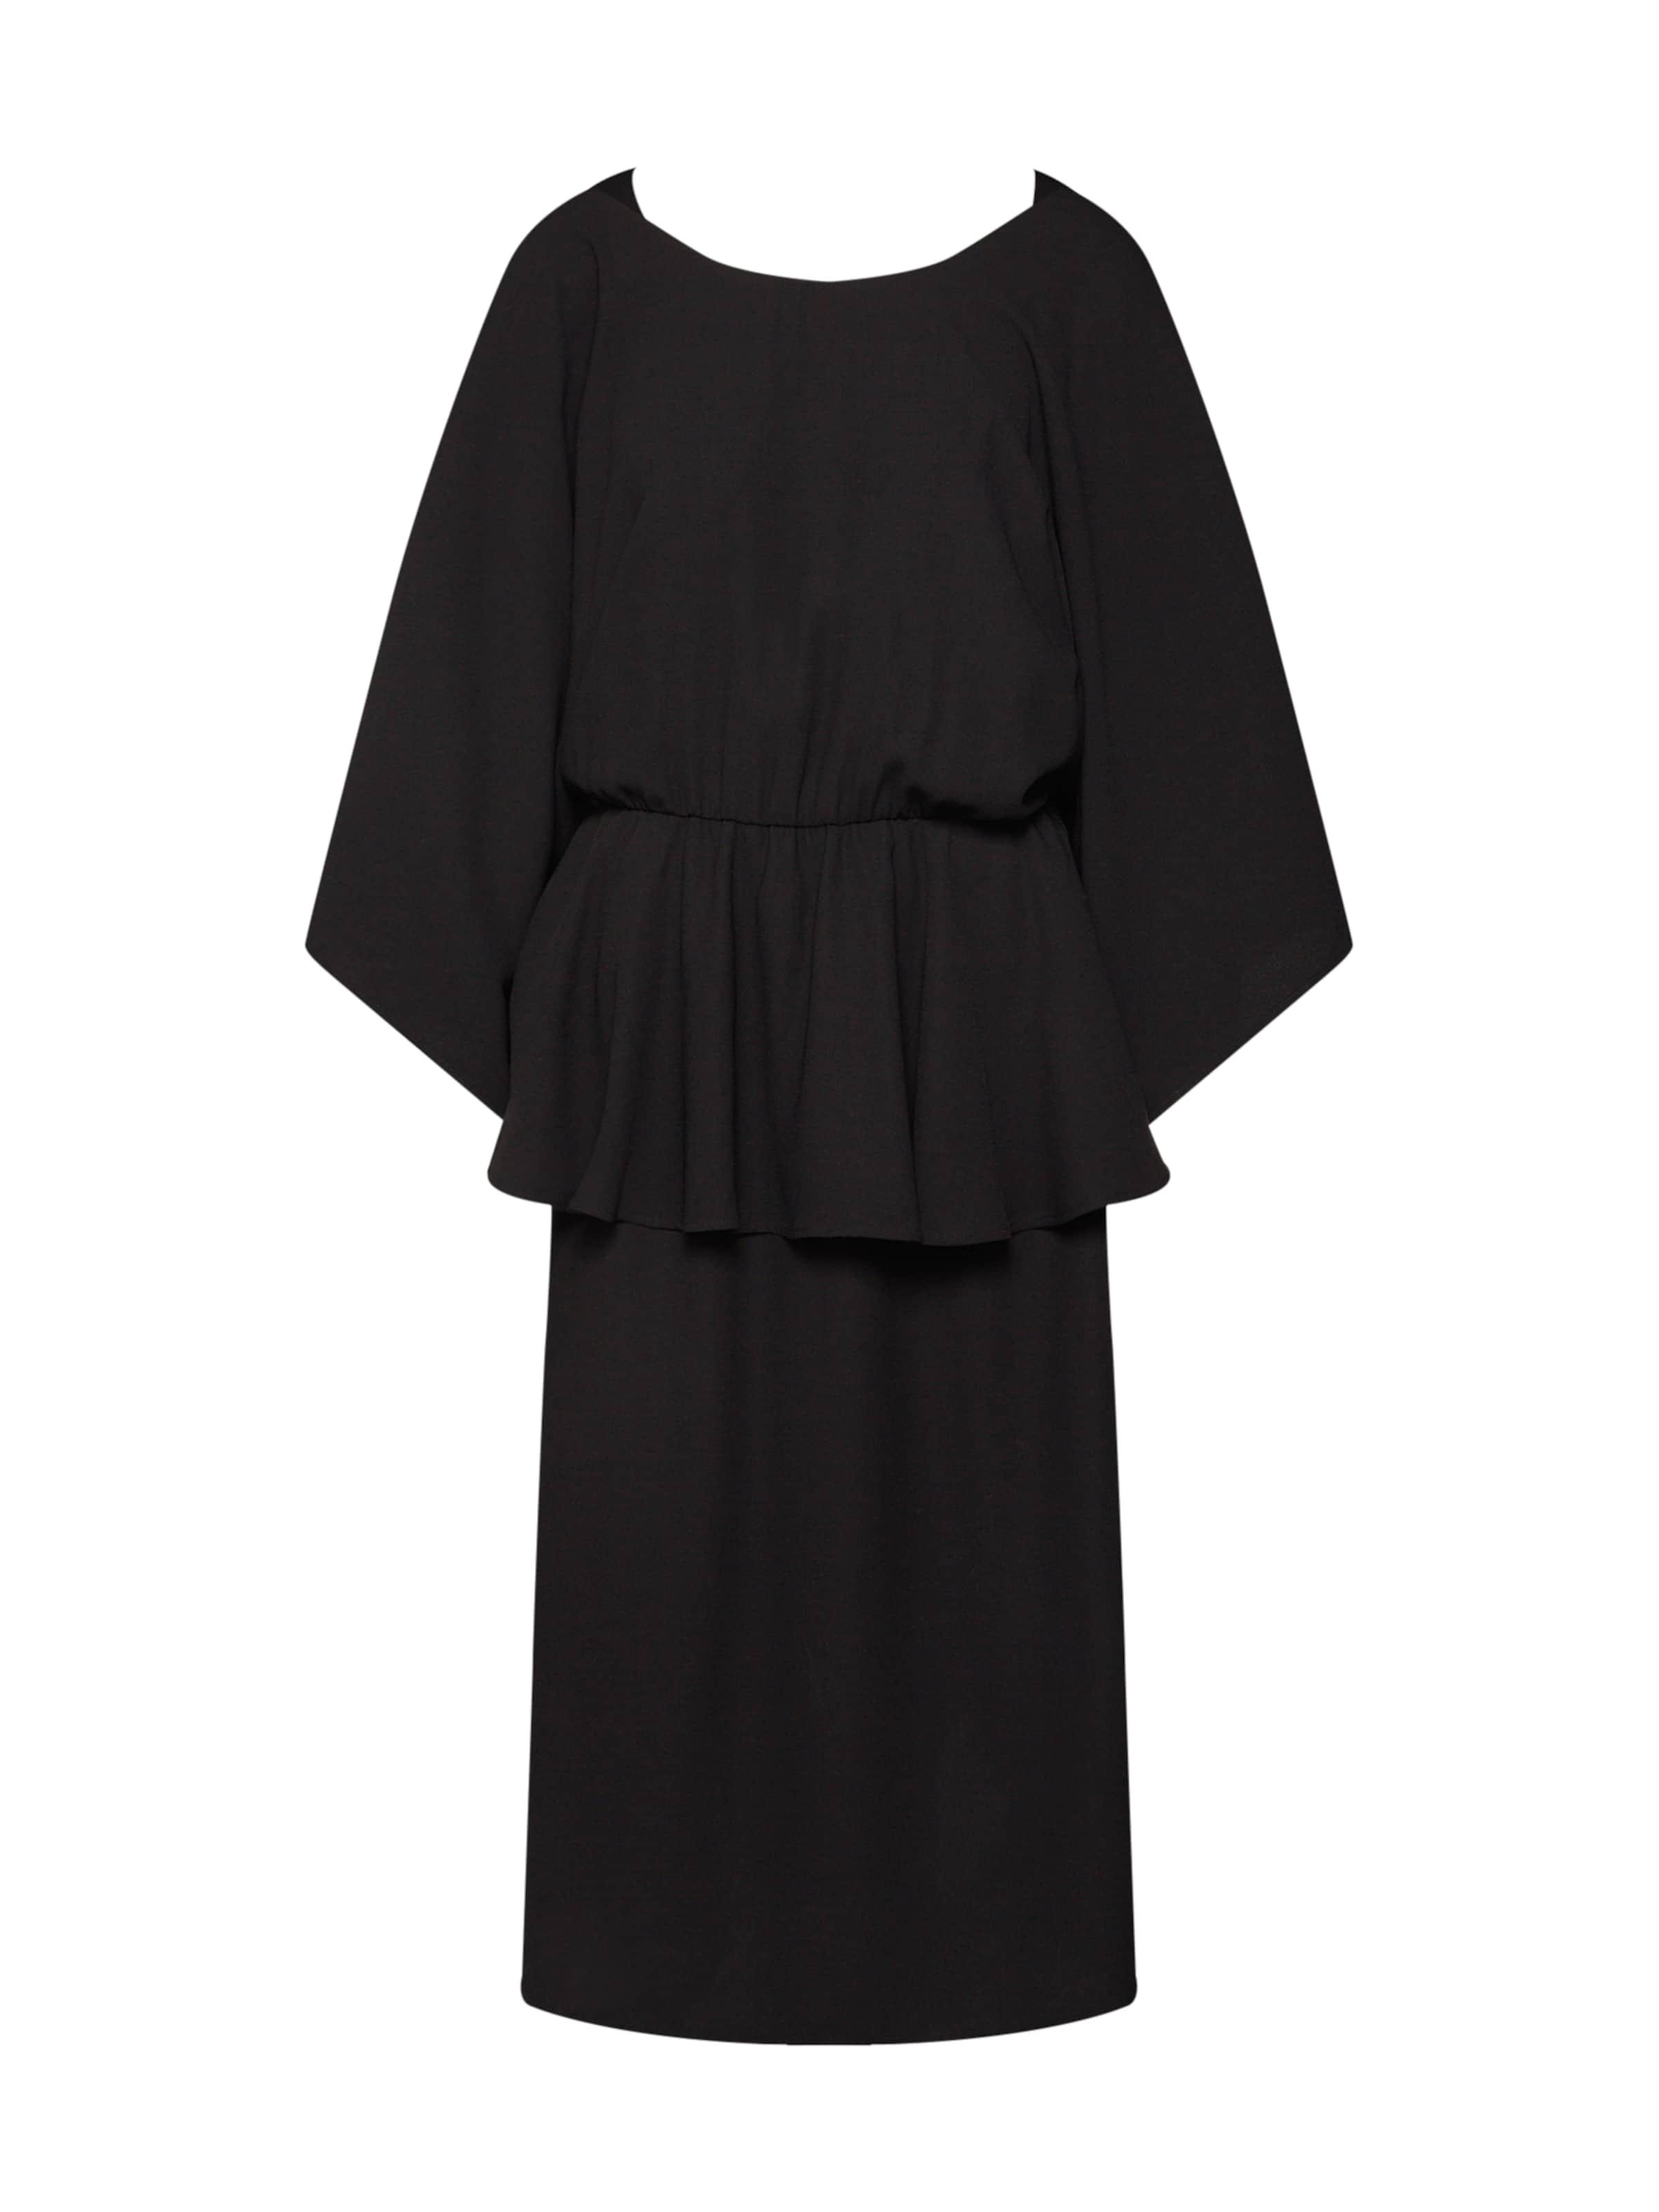 En Noir Na kd De 'deep Frill' Back Robe Cocktail hQdBsrCtx